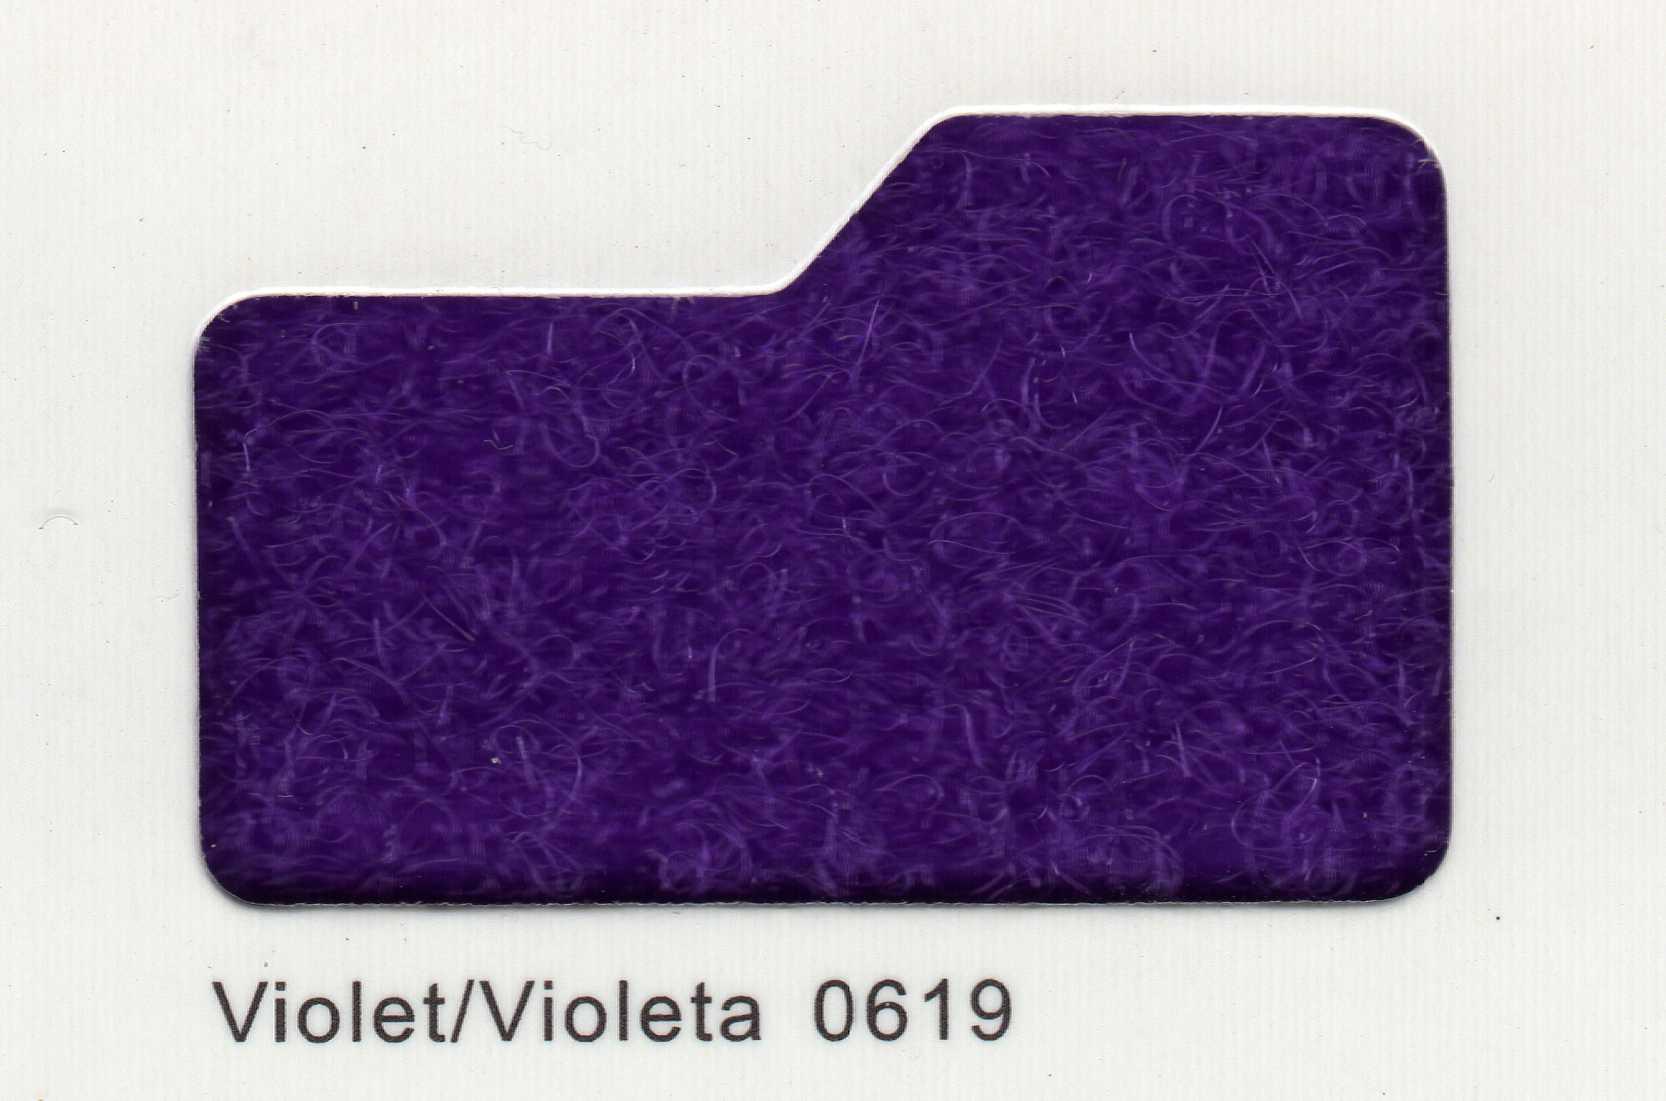 Cinta de cierre Velcro-Veraco 100mm Violeta 0619 (Gancho).